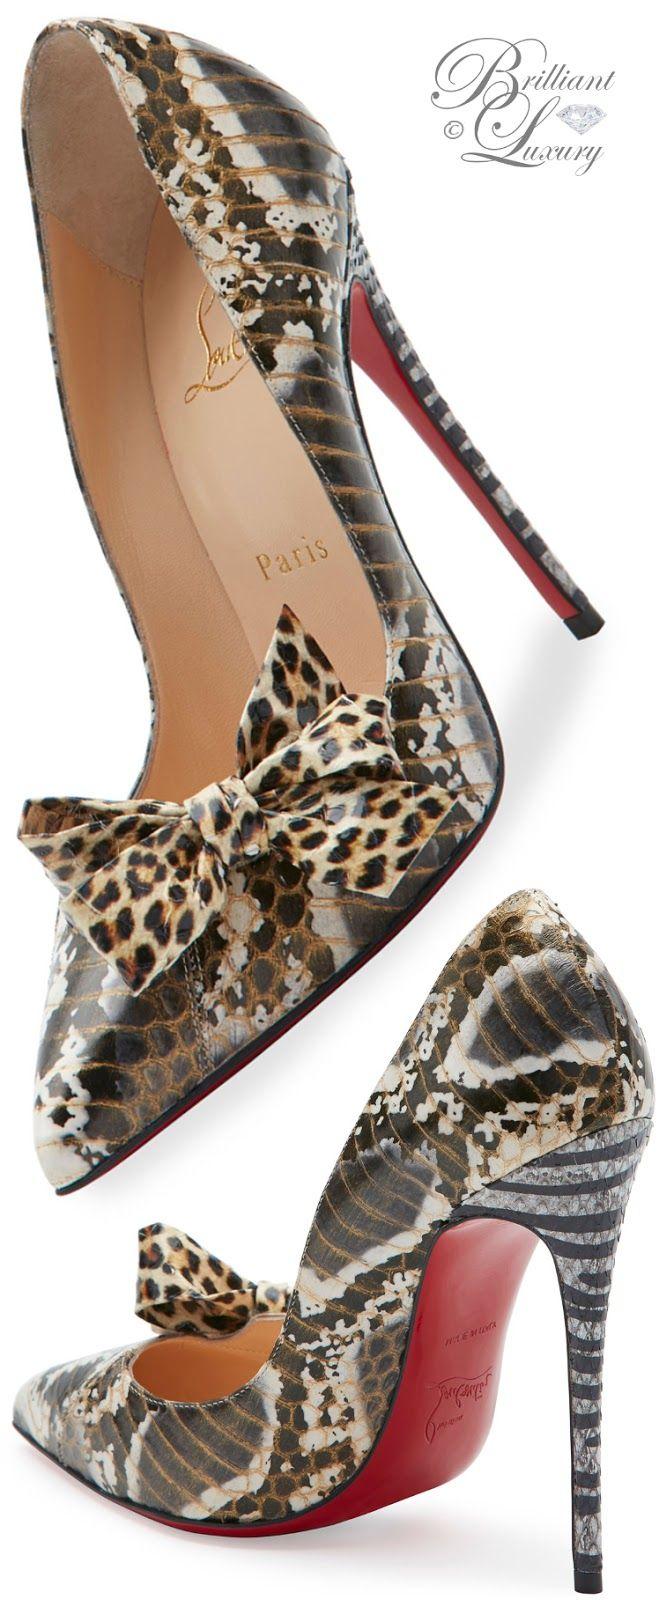 bows.quenalbertini: Christian Louboutin Madame Menodo Snakeskin | Brilliant Luxury